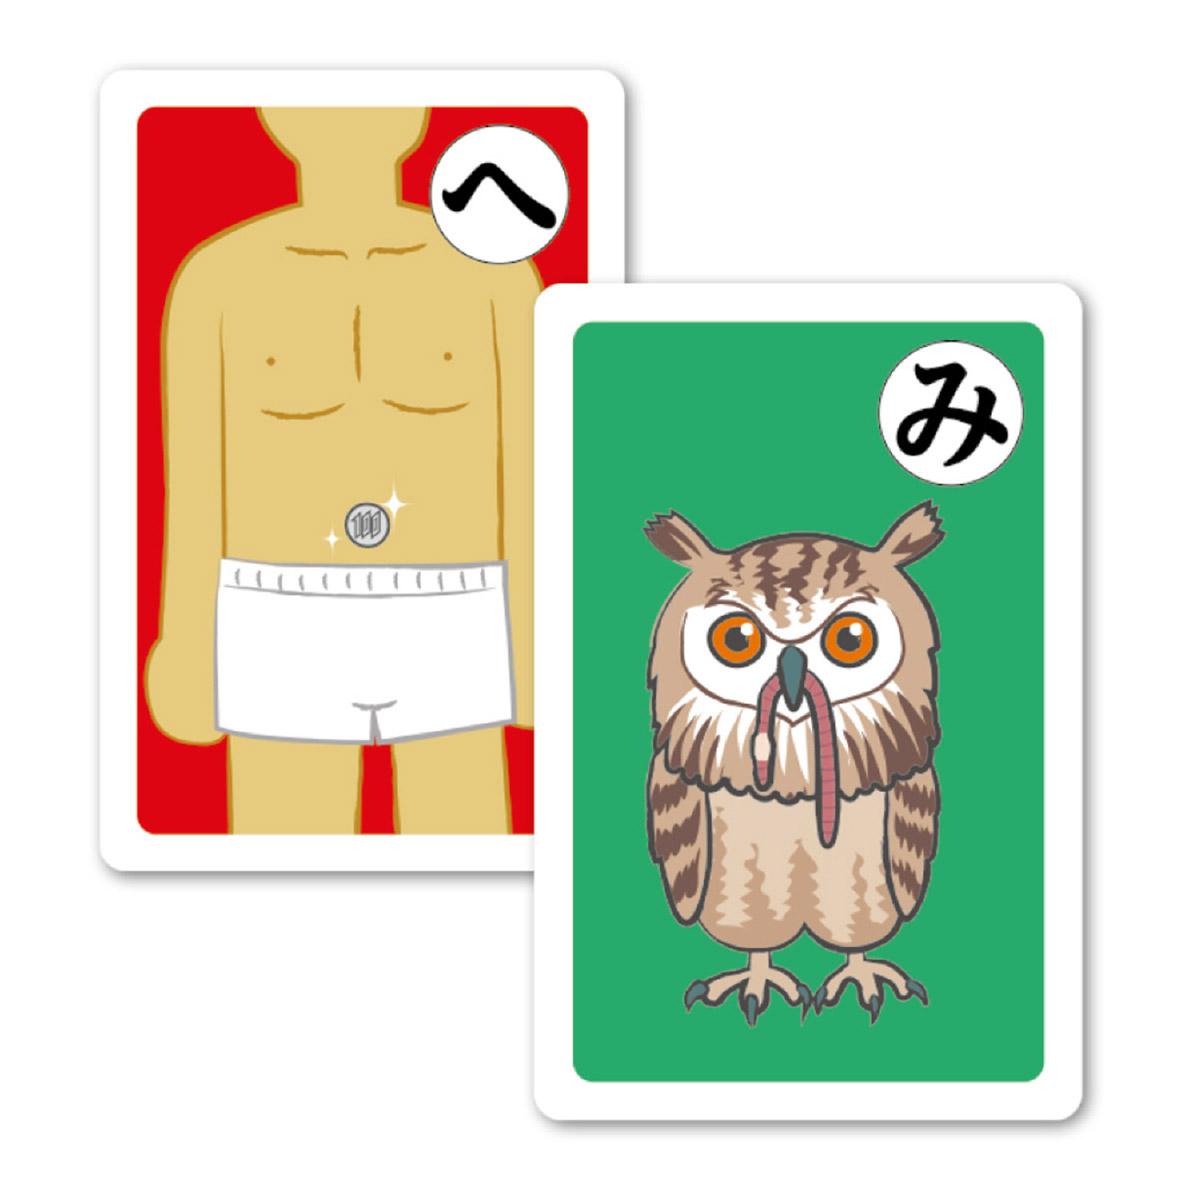 だじゃれ かるた 幼児 子供 カルタ カードゲーム 知育 かるた大会 駄洒落 ダジャレ カードゲーム 小学生 クリスマスプレゼント